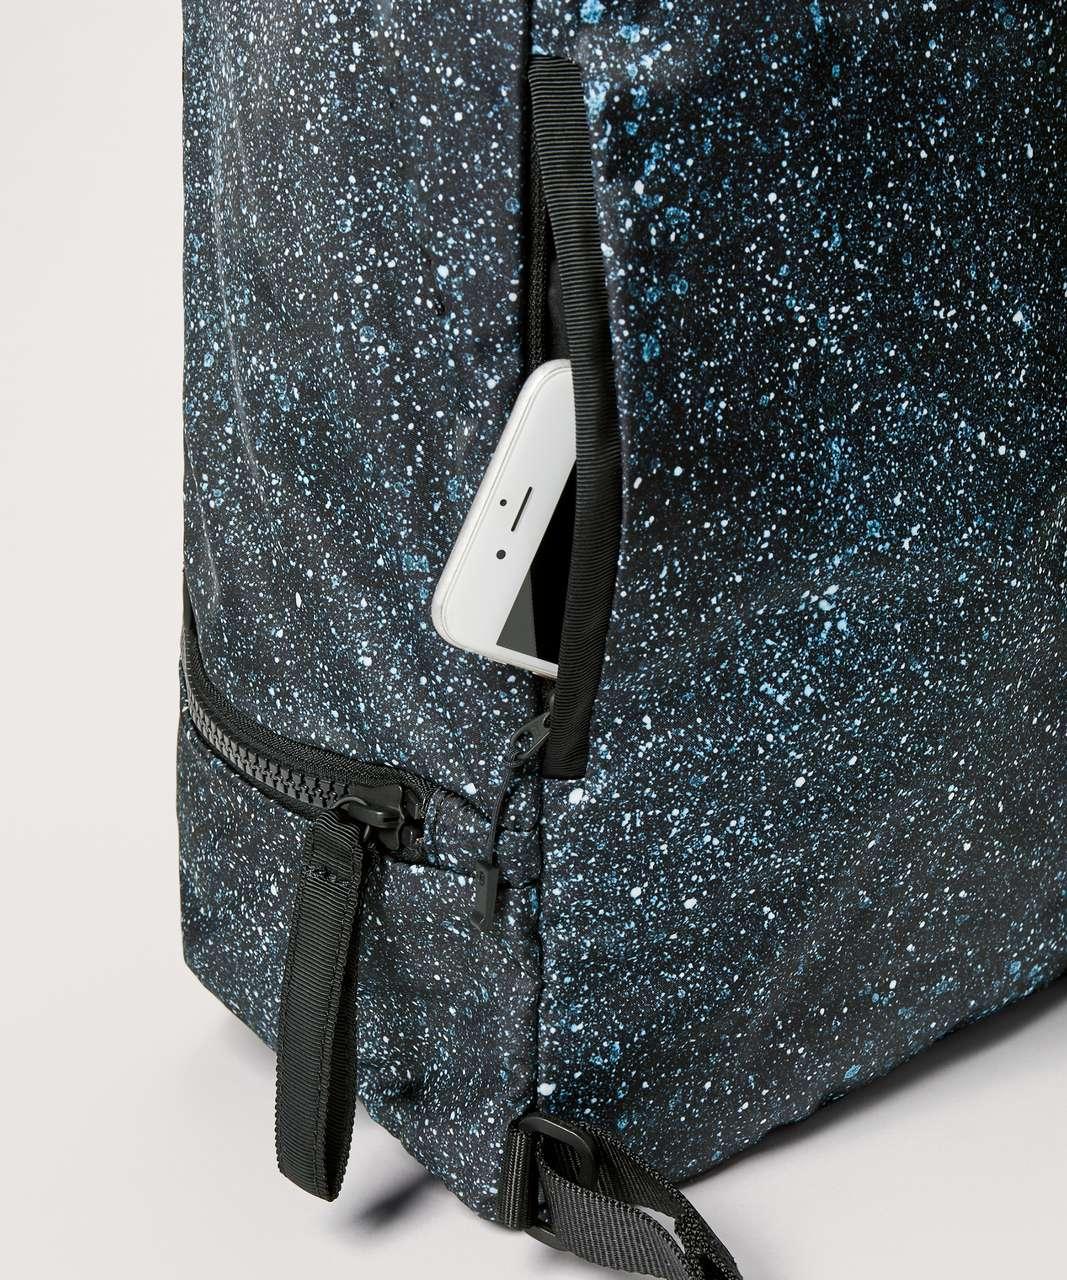 Lululemon City Adventurer Backpack 17L - Mineralize Multi / Black